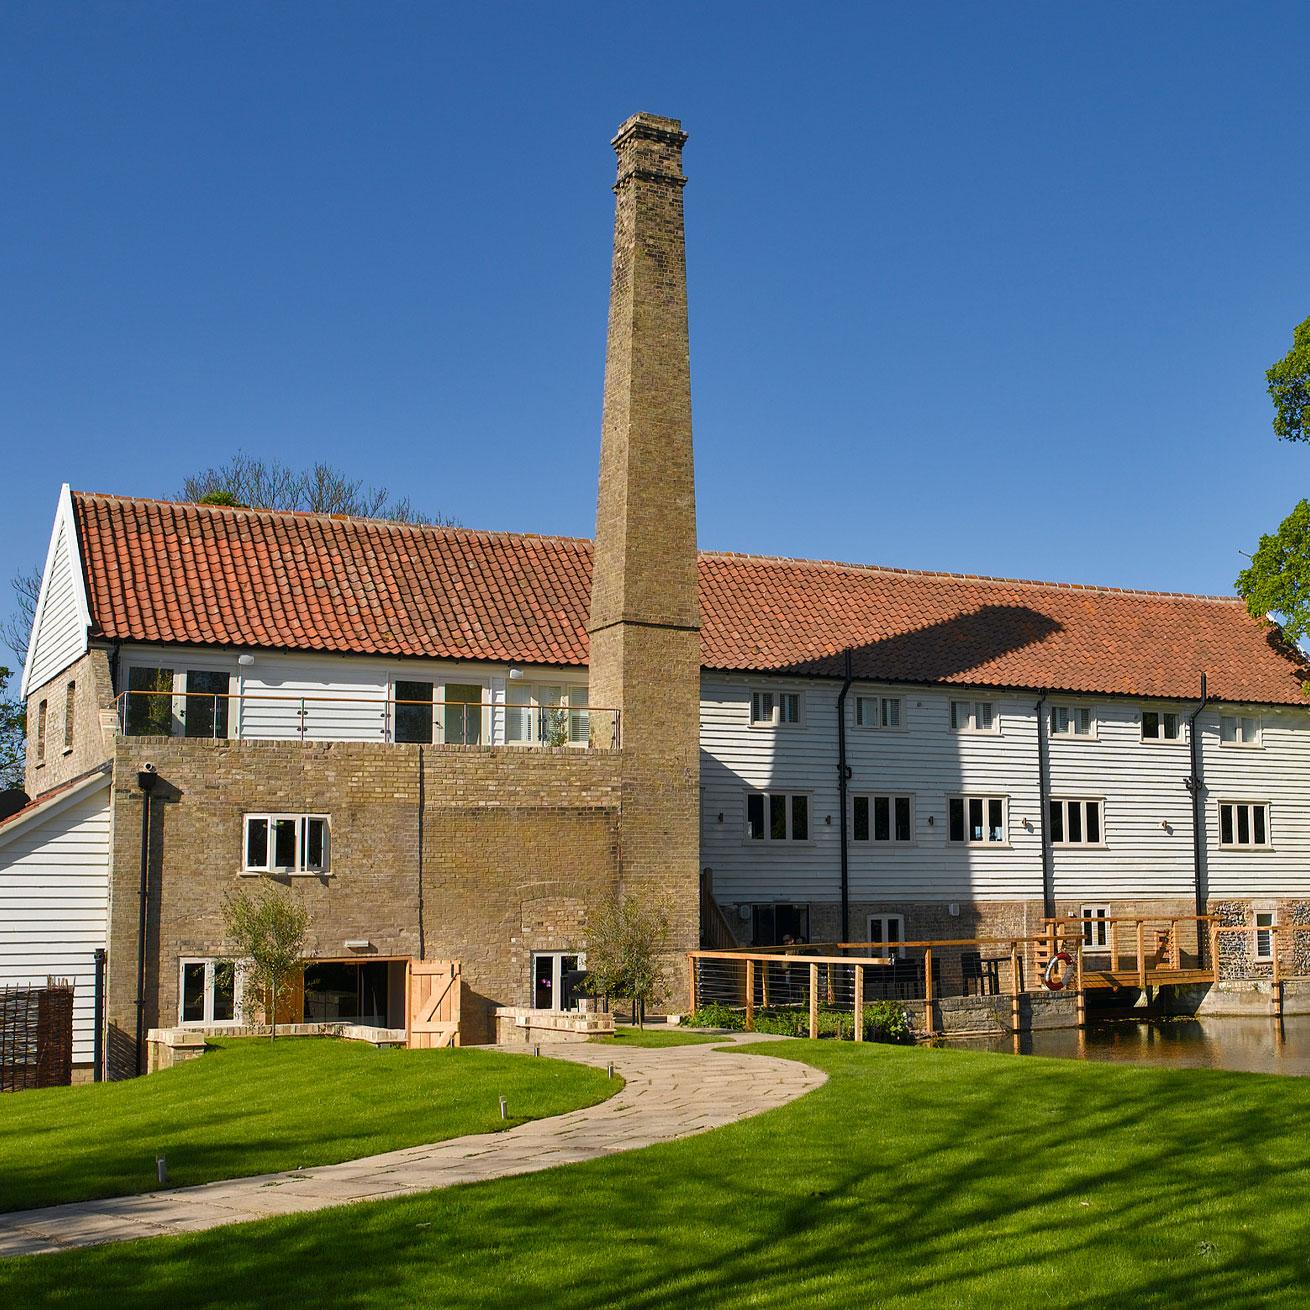 Tuddenham Mill